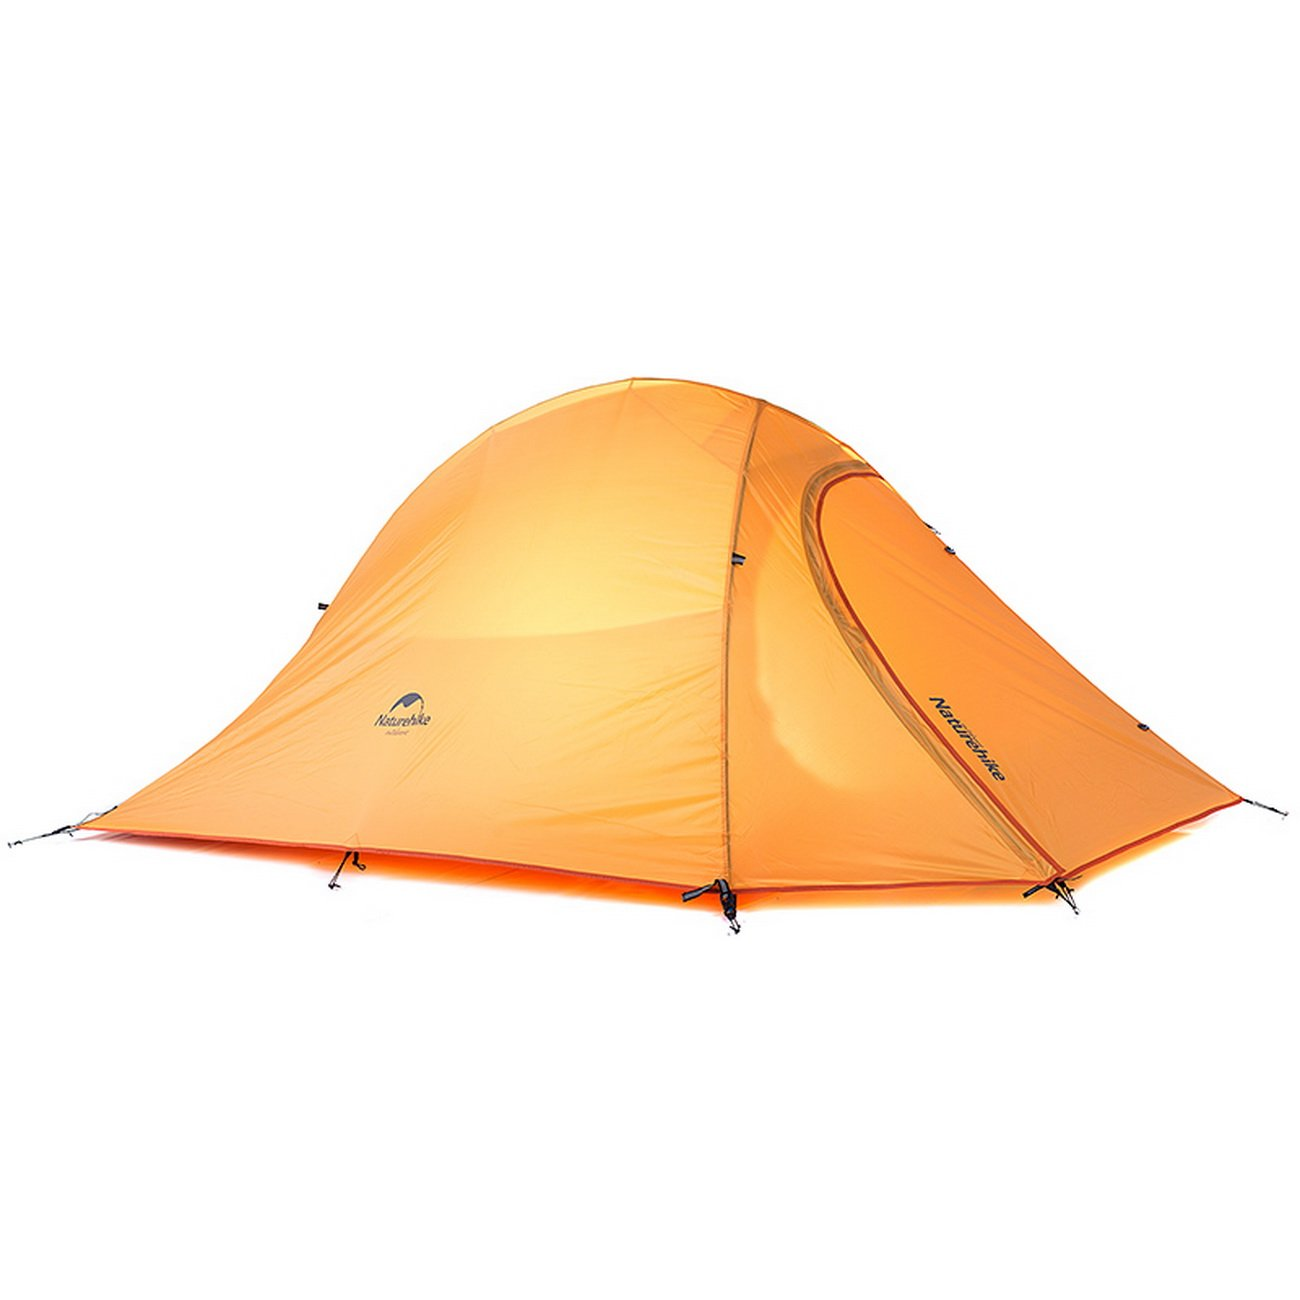 マットNH15T002-Tで2人のためCloudUpシリーズ超軽量ハイキングテント20D / 210Tファブリック  210Tオレンジ B07C8RBLSL